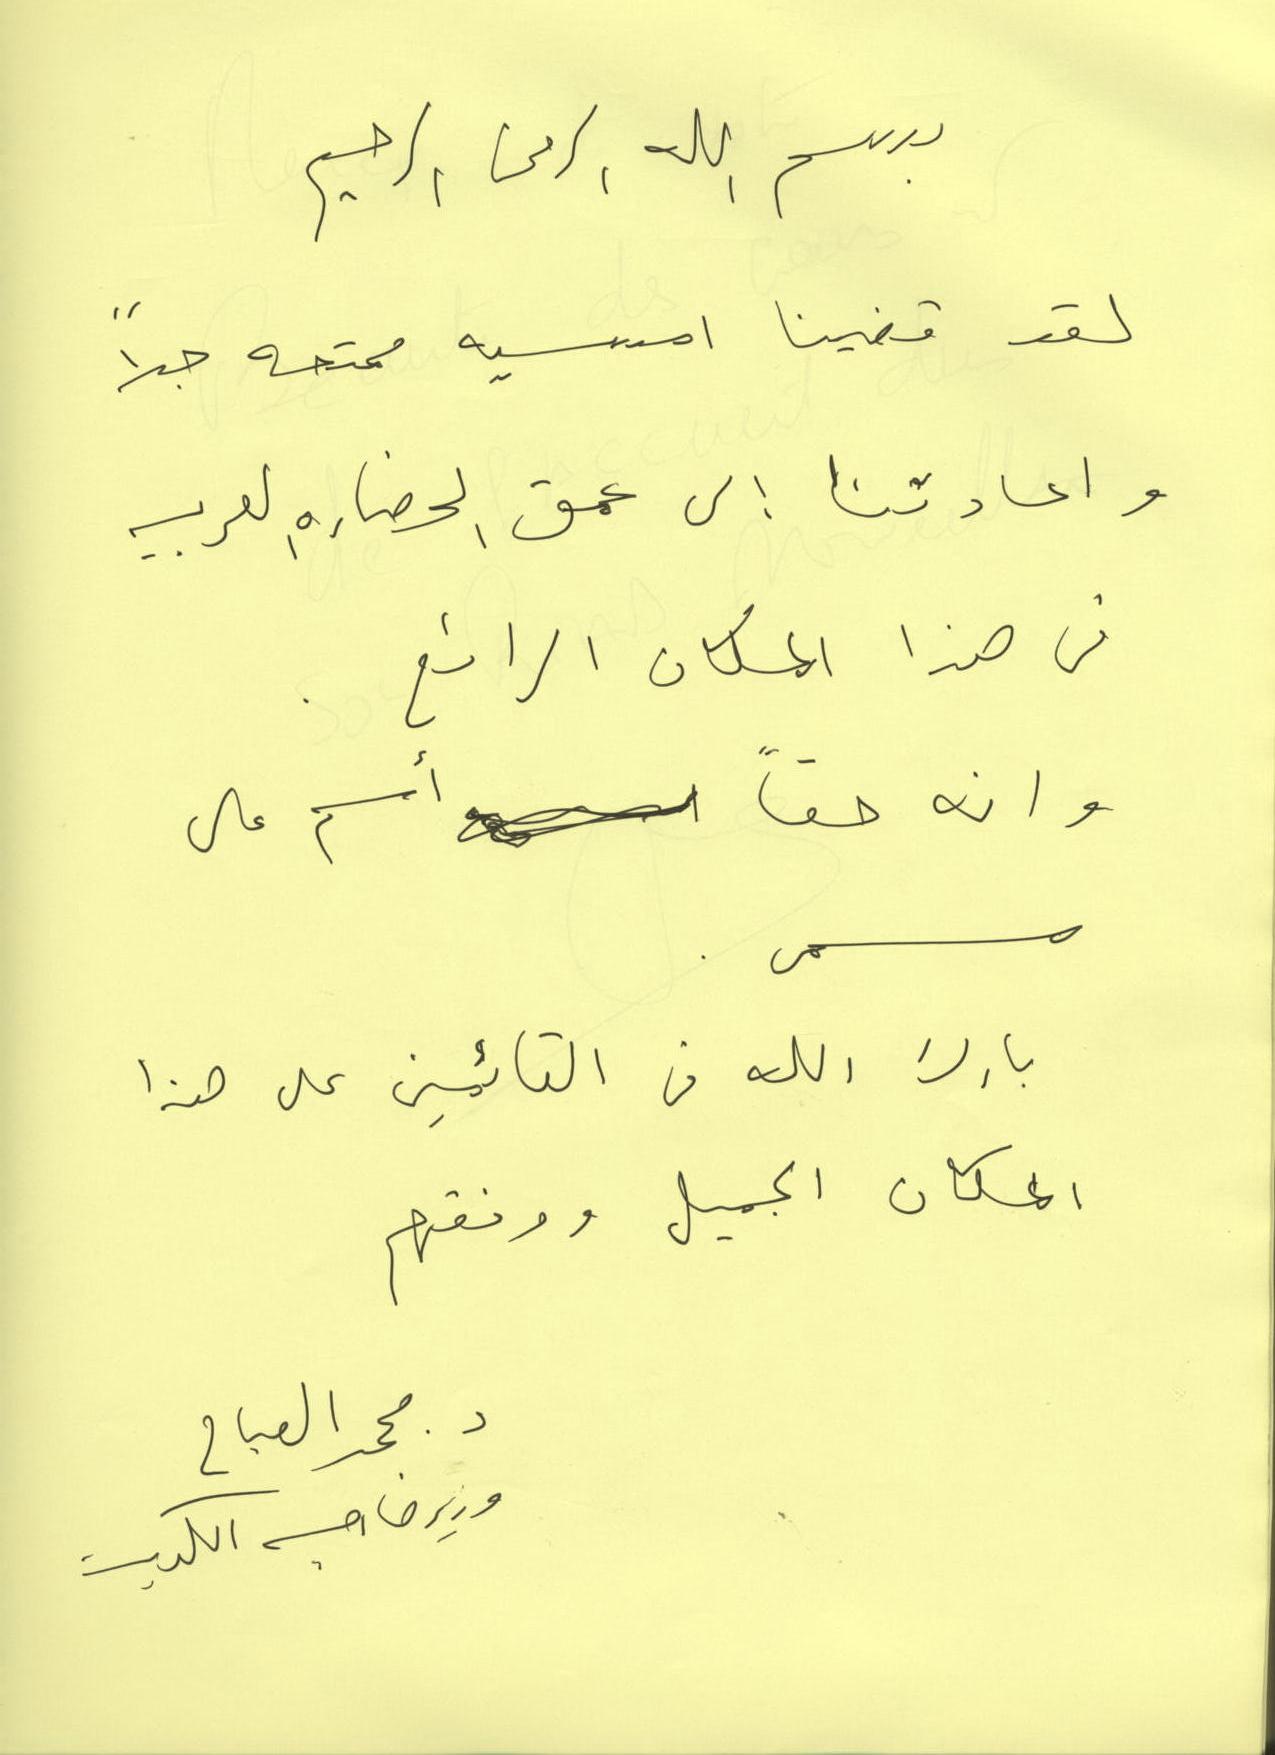 Mohamed Sbbah - Ministre d'intérieur du liban